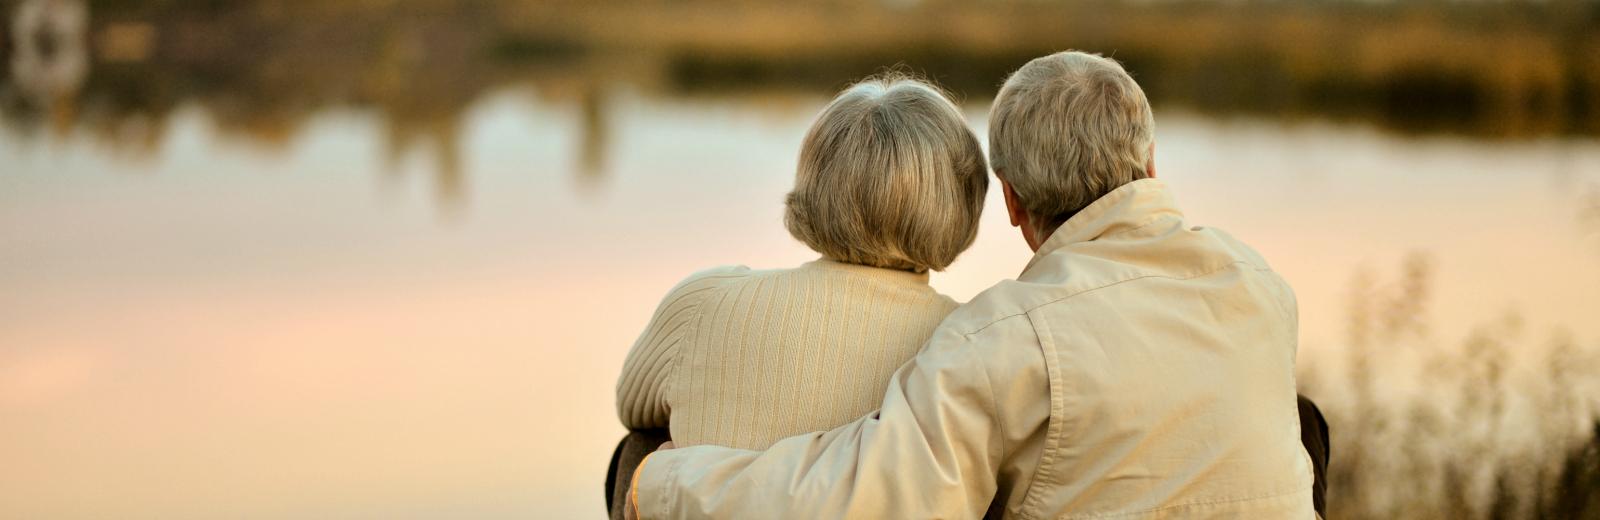 hearing loss for elderly